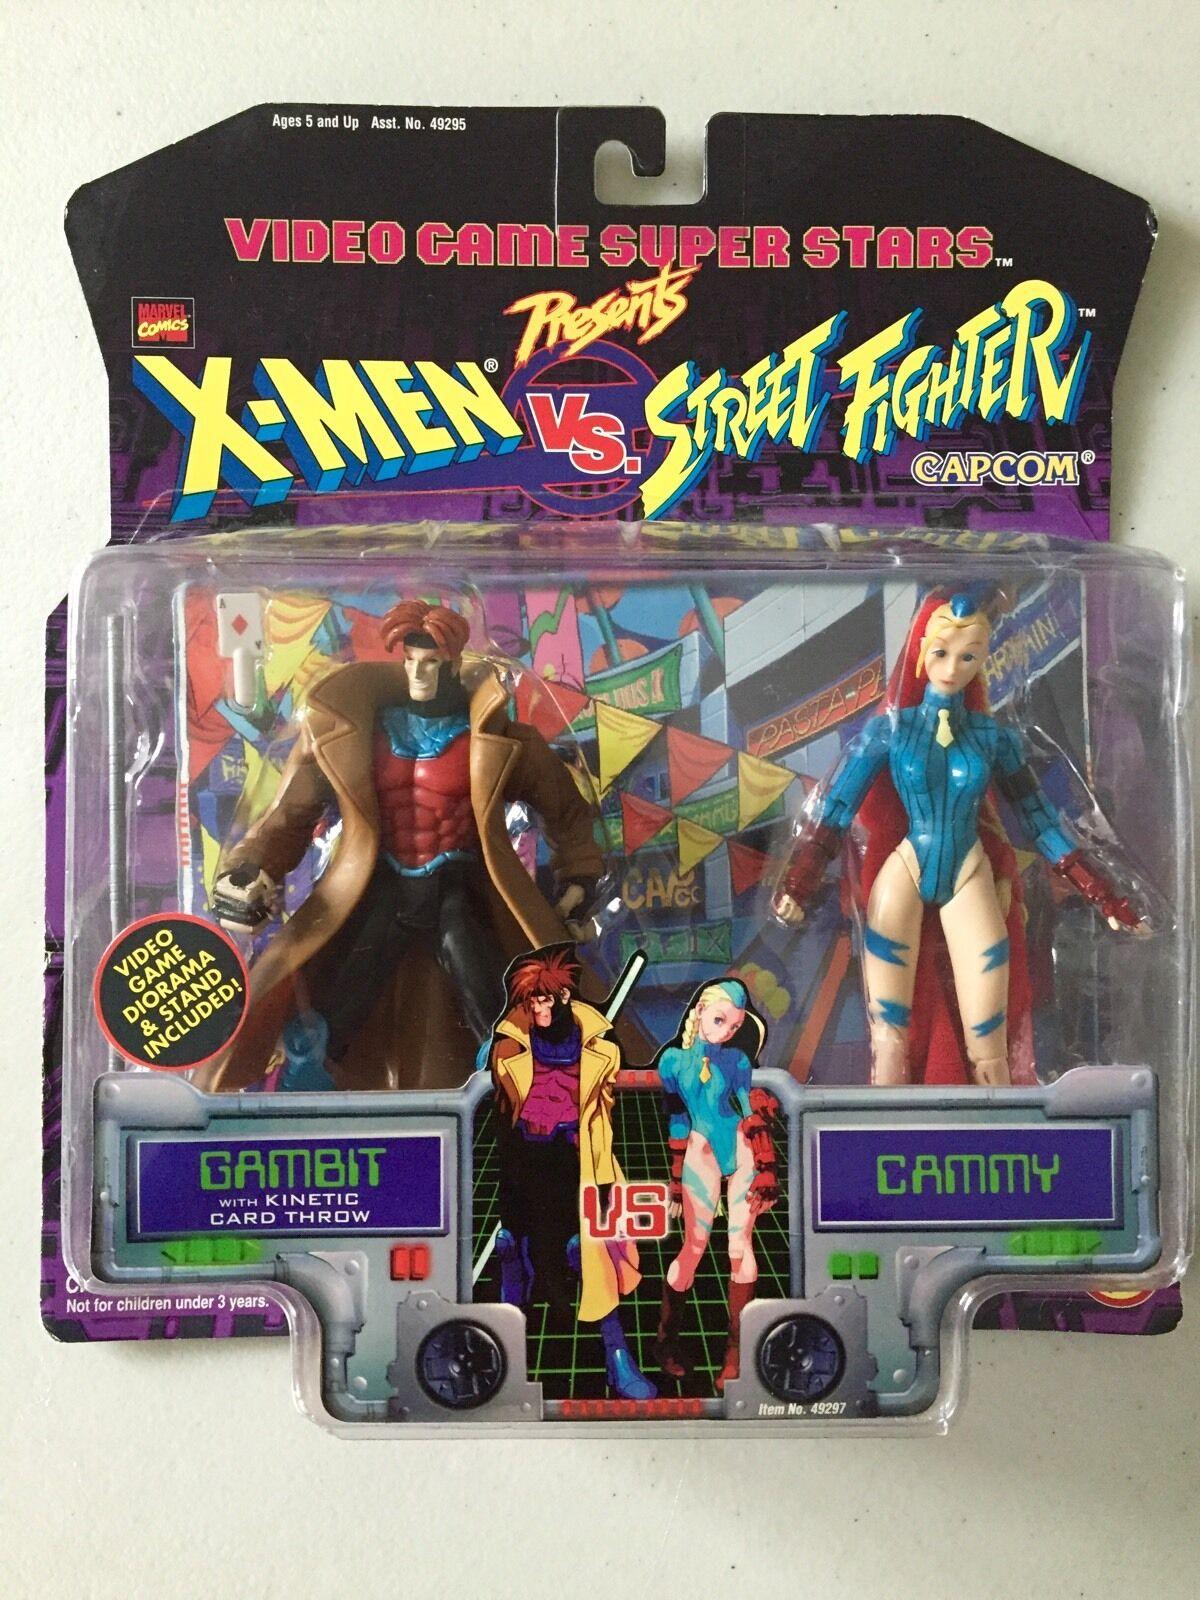 X - men  street fighter gambit vs cammy spielzeug - biz videospiel super - stars 1998